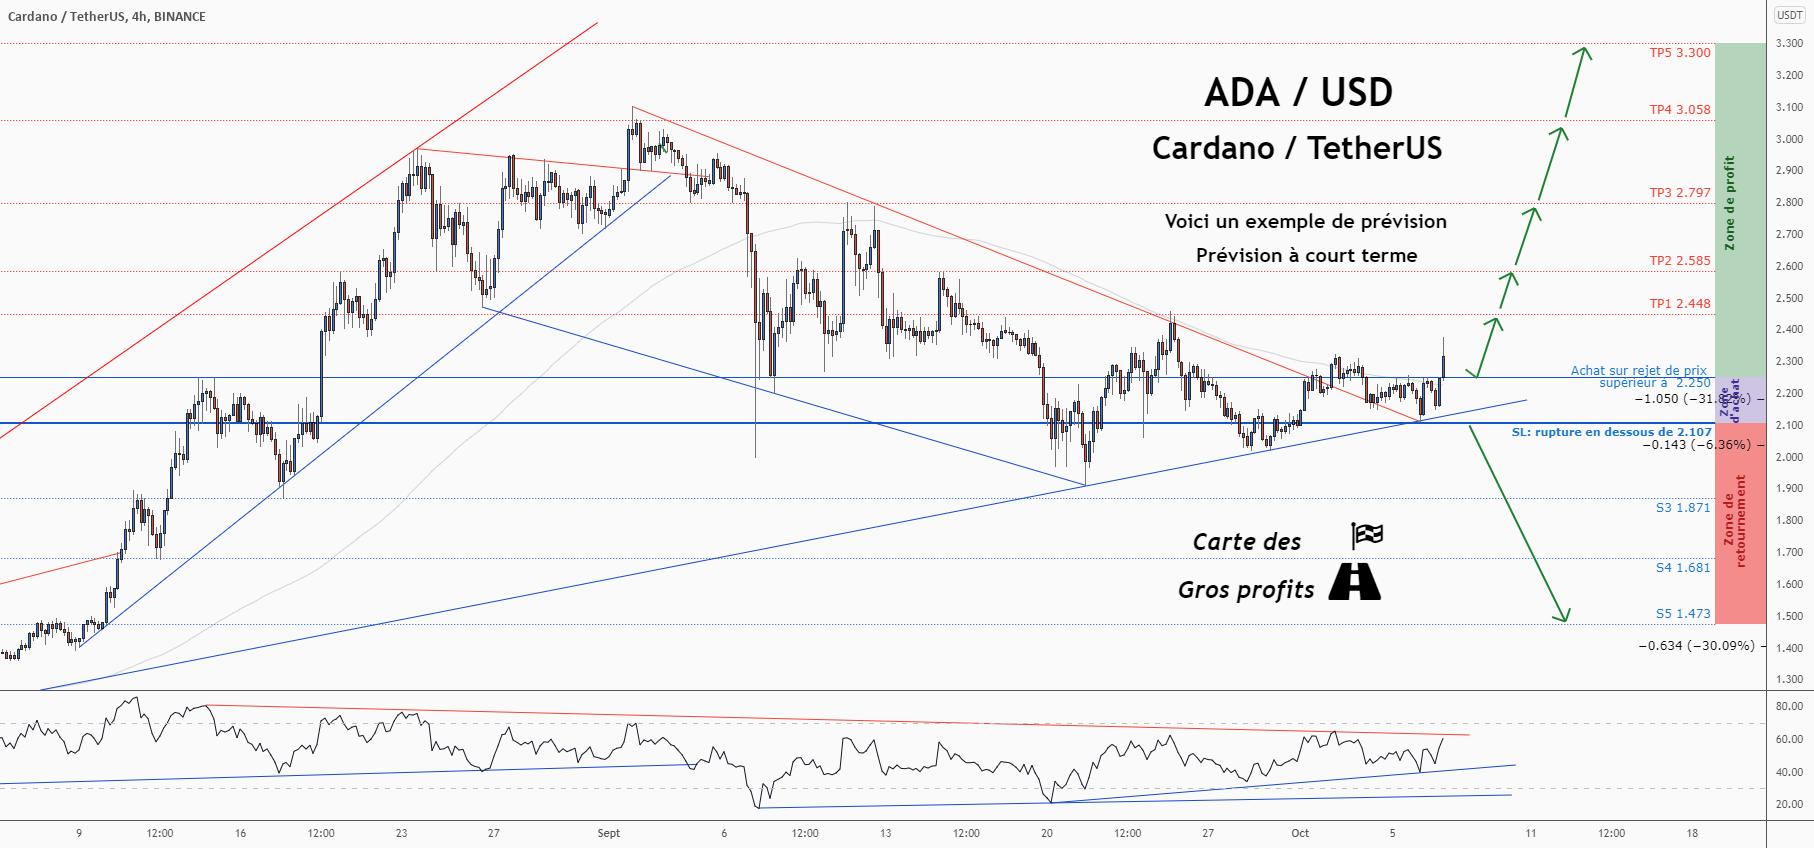 💡Ne manquez pas cette grande opportunité d'achat de ADAUSDT pour BINANCE:ADAUSDT par ForecastCity_Francais